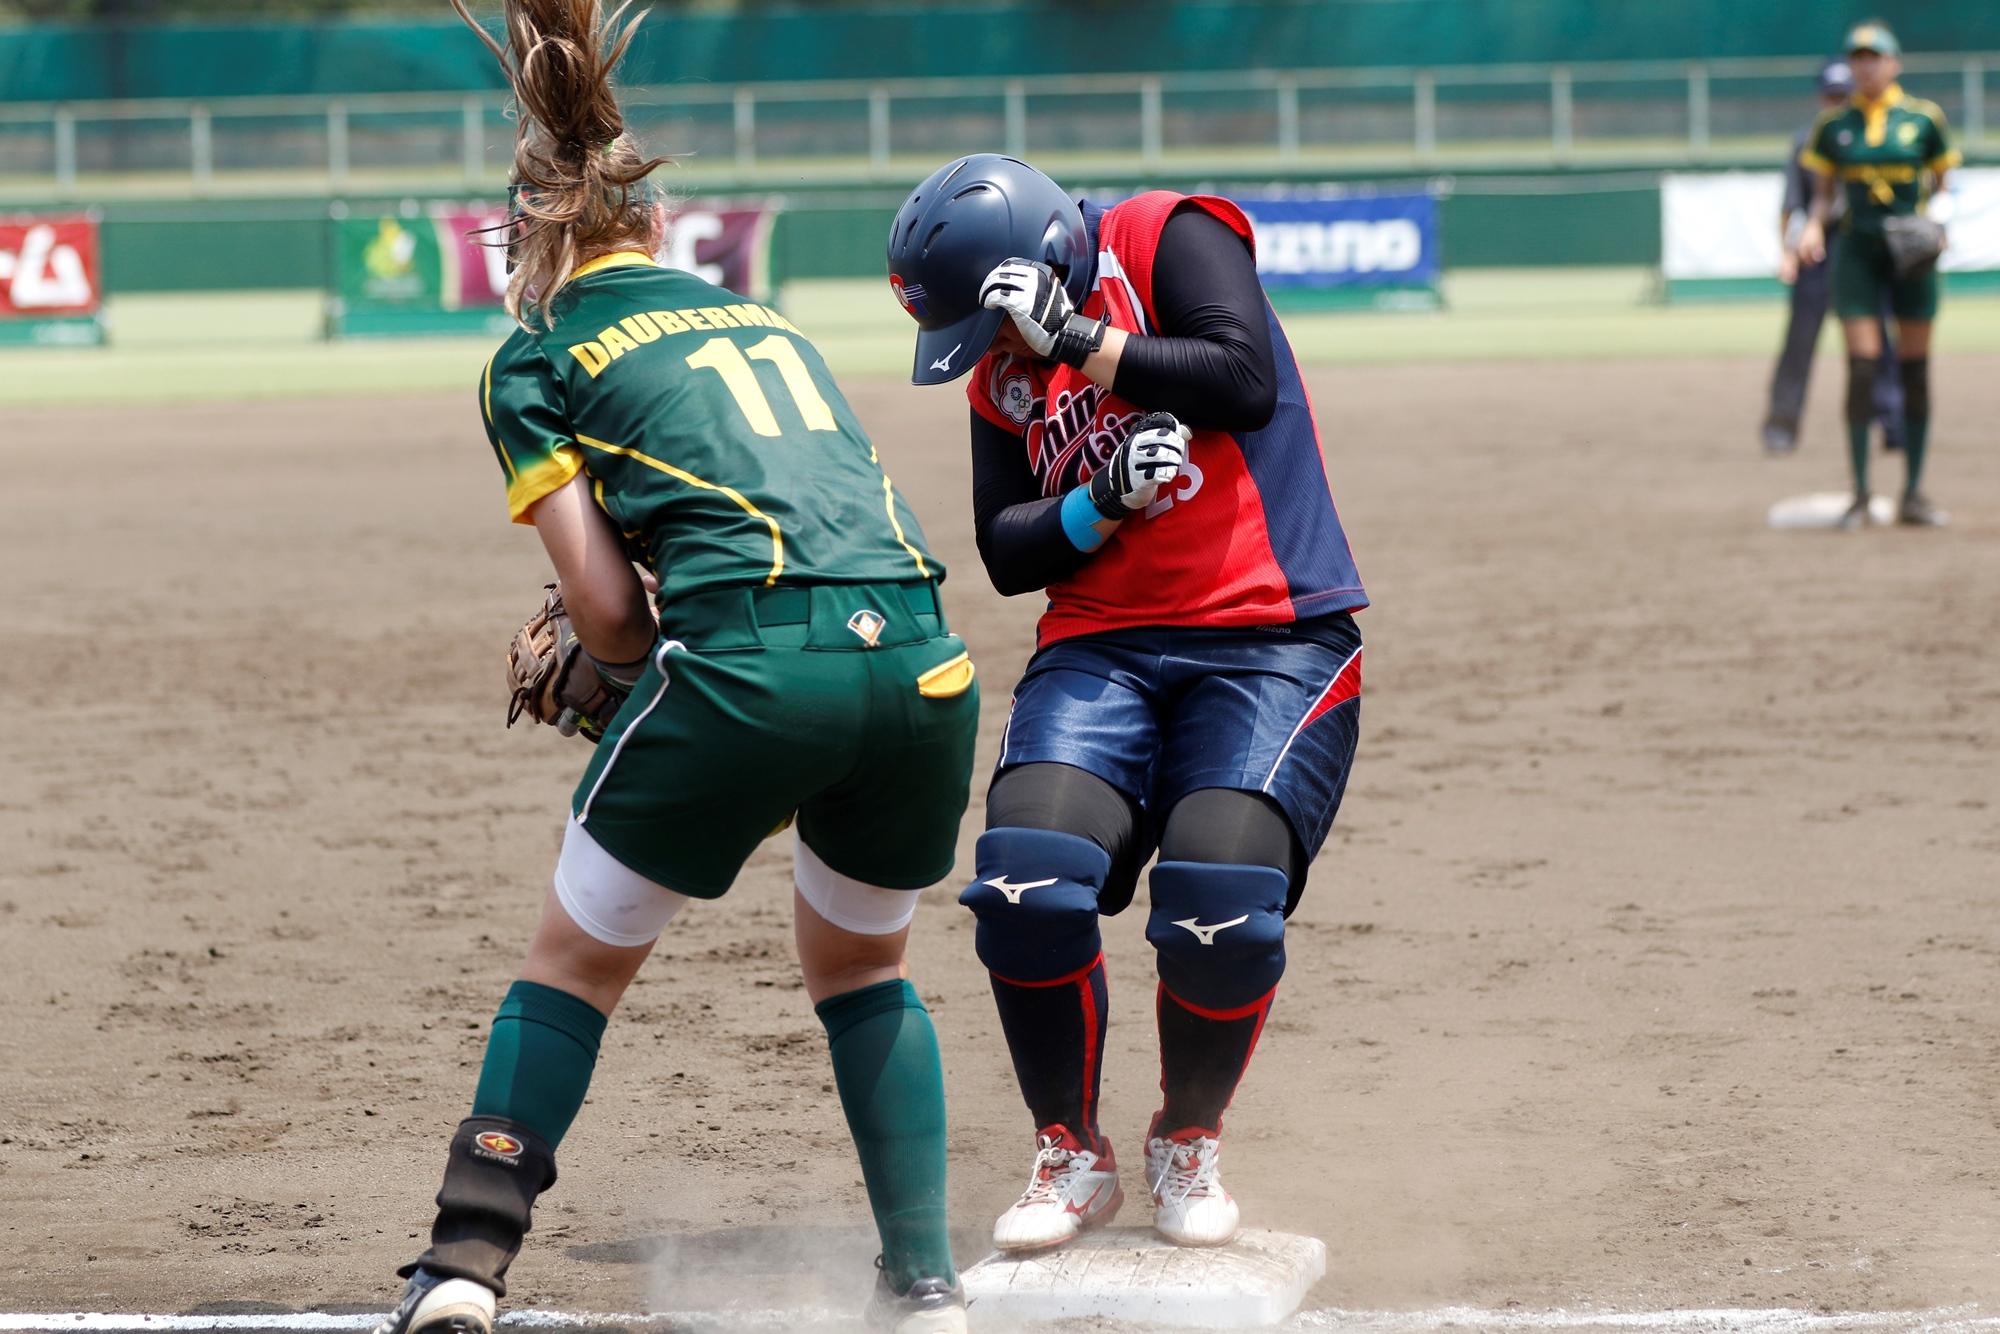 Daubermann of South Africa fields third